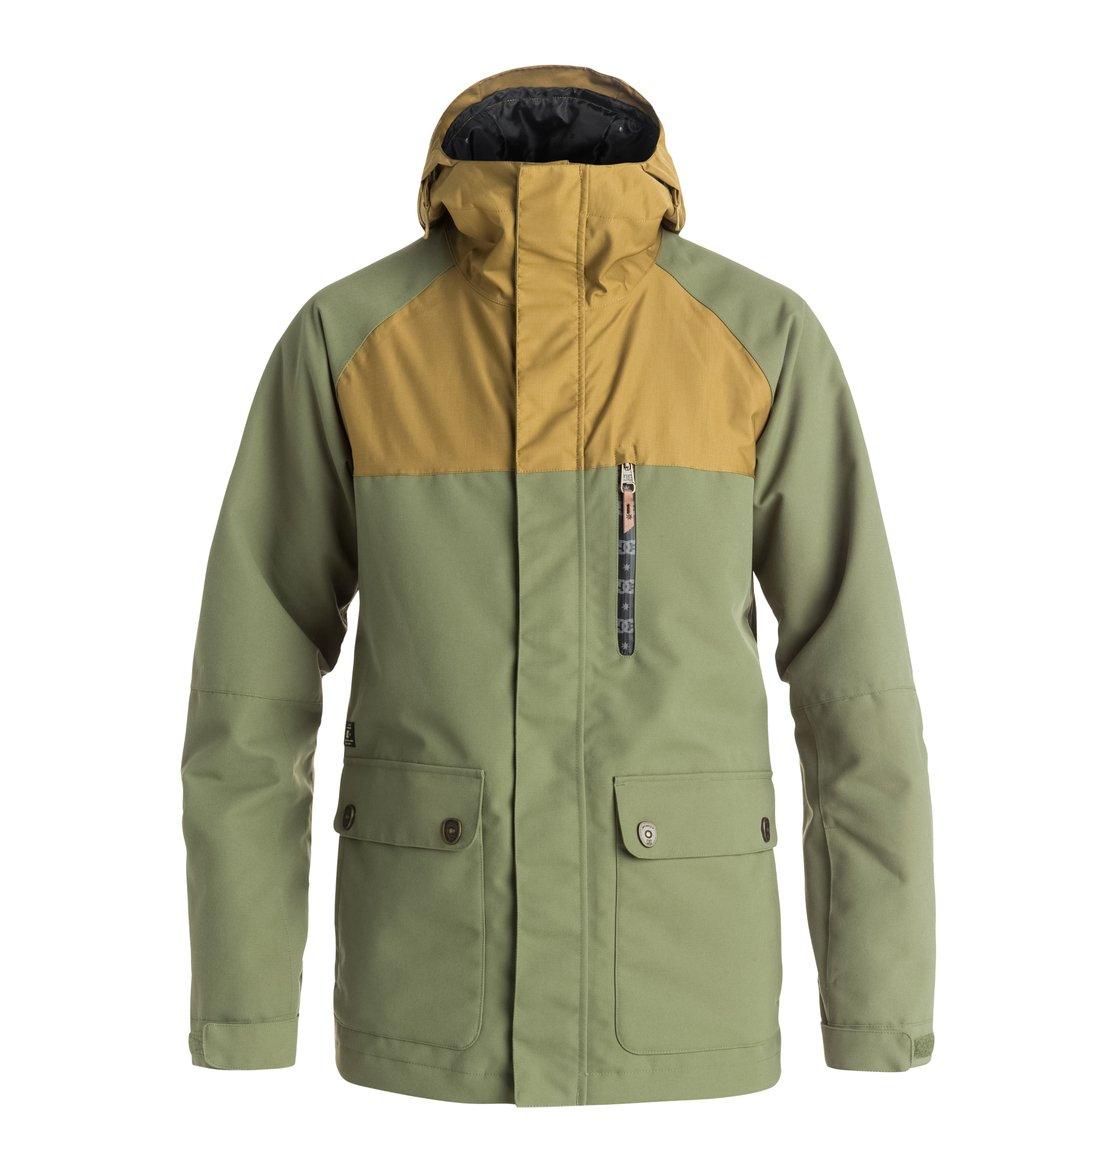 Сноубордическая куртка Clout от DC Shoes